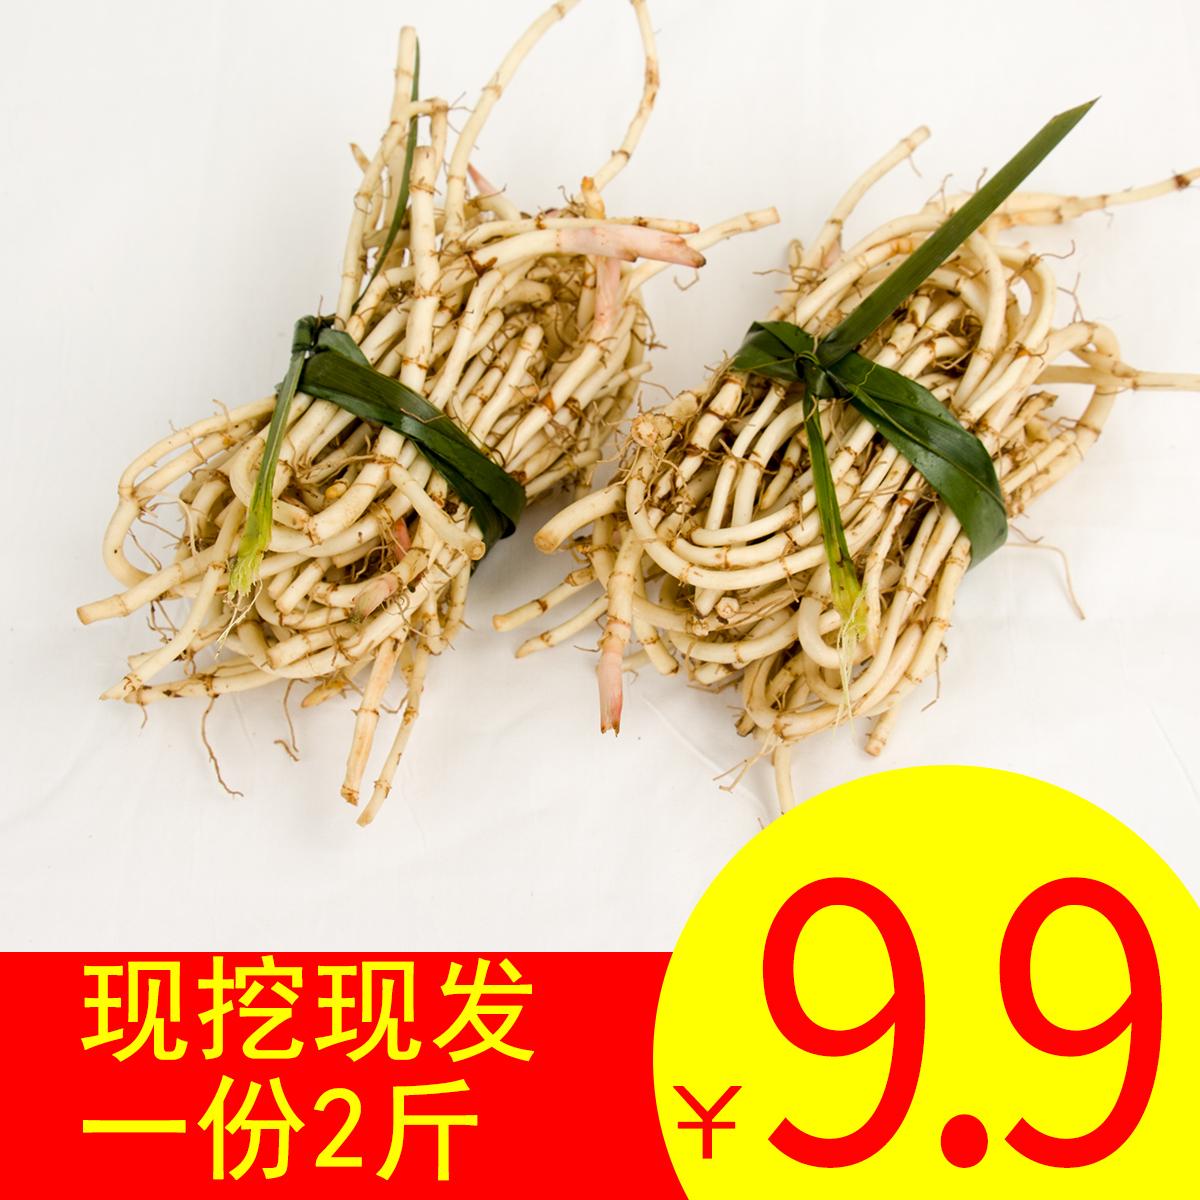 Свежий гуйчжоу сложить ухо корень не- провинция сычуань специальный свойство сельское хозяйство домой копать прохладно смешивать рыба рыбный трава дикий тендер корень 2 джин пакет mail